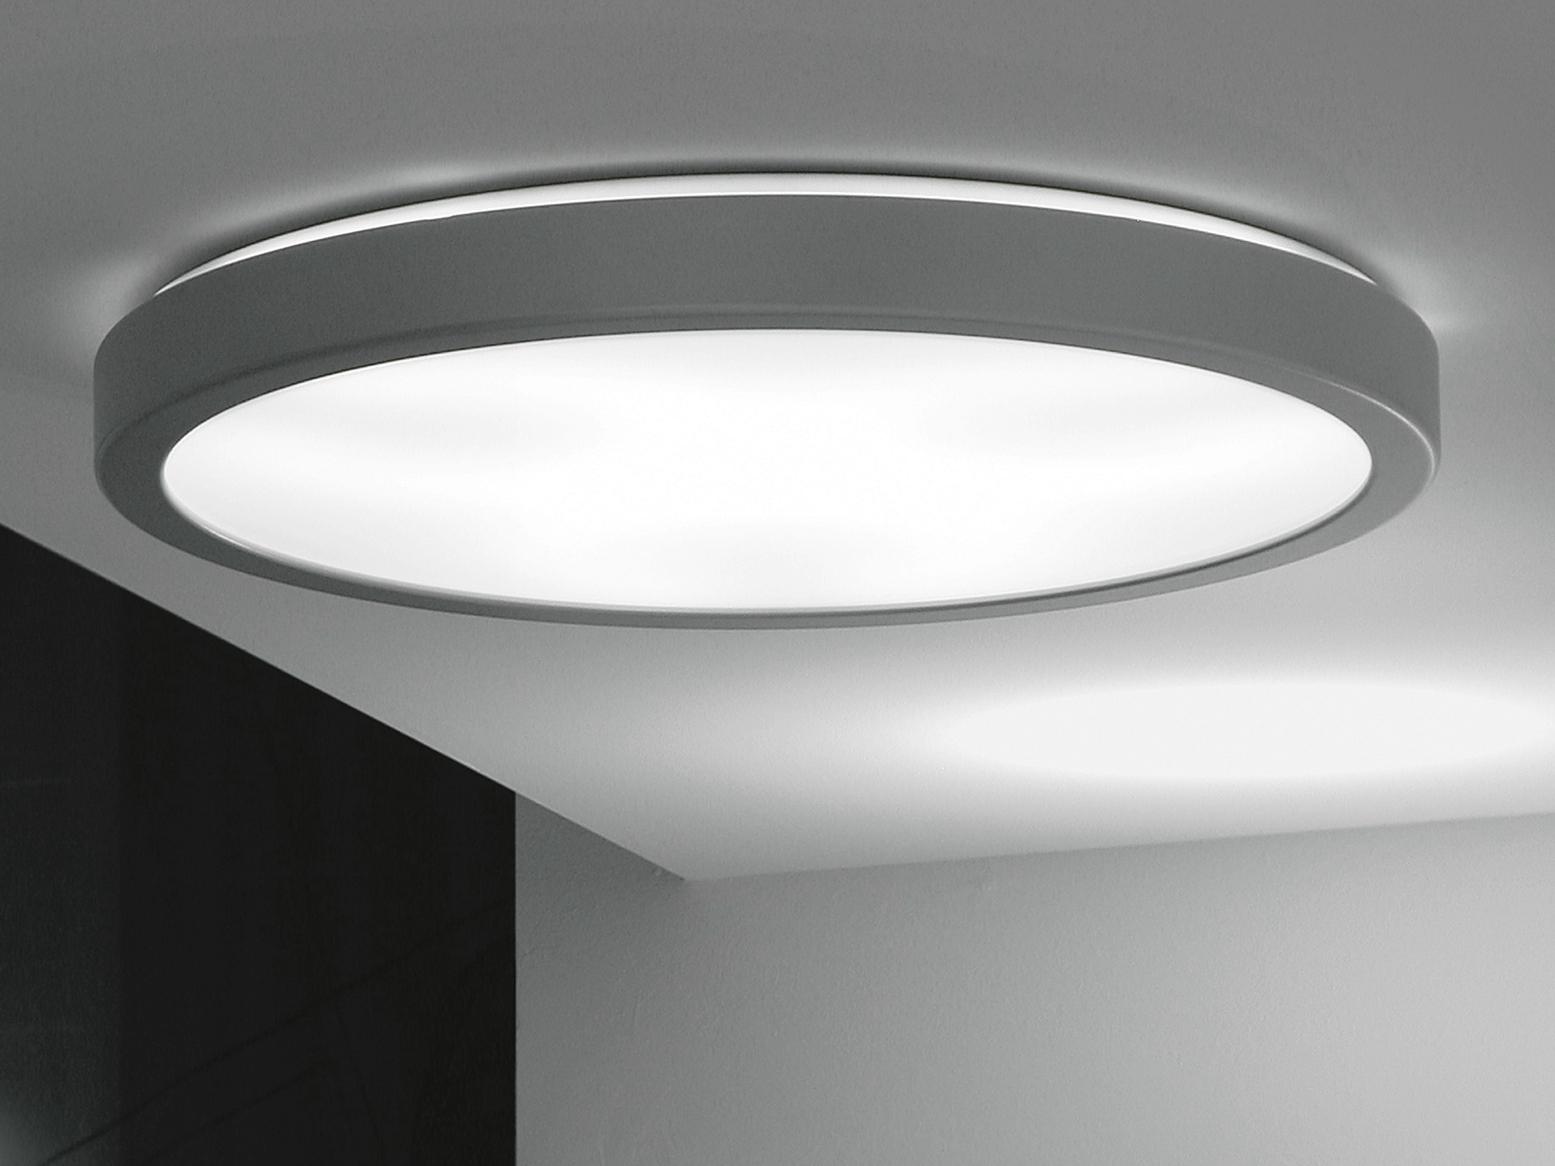 Круглый потолочный плафон